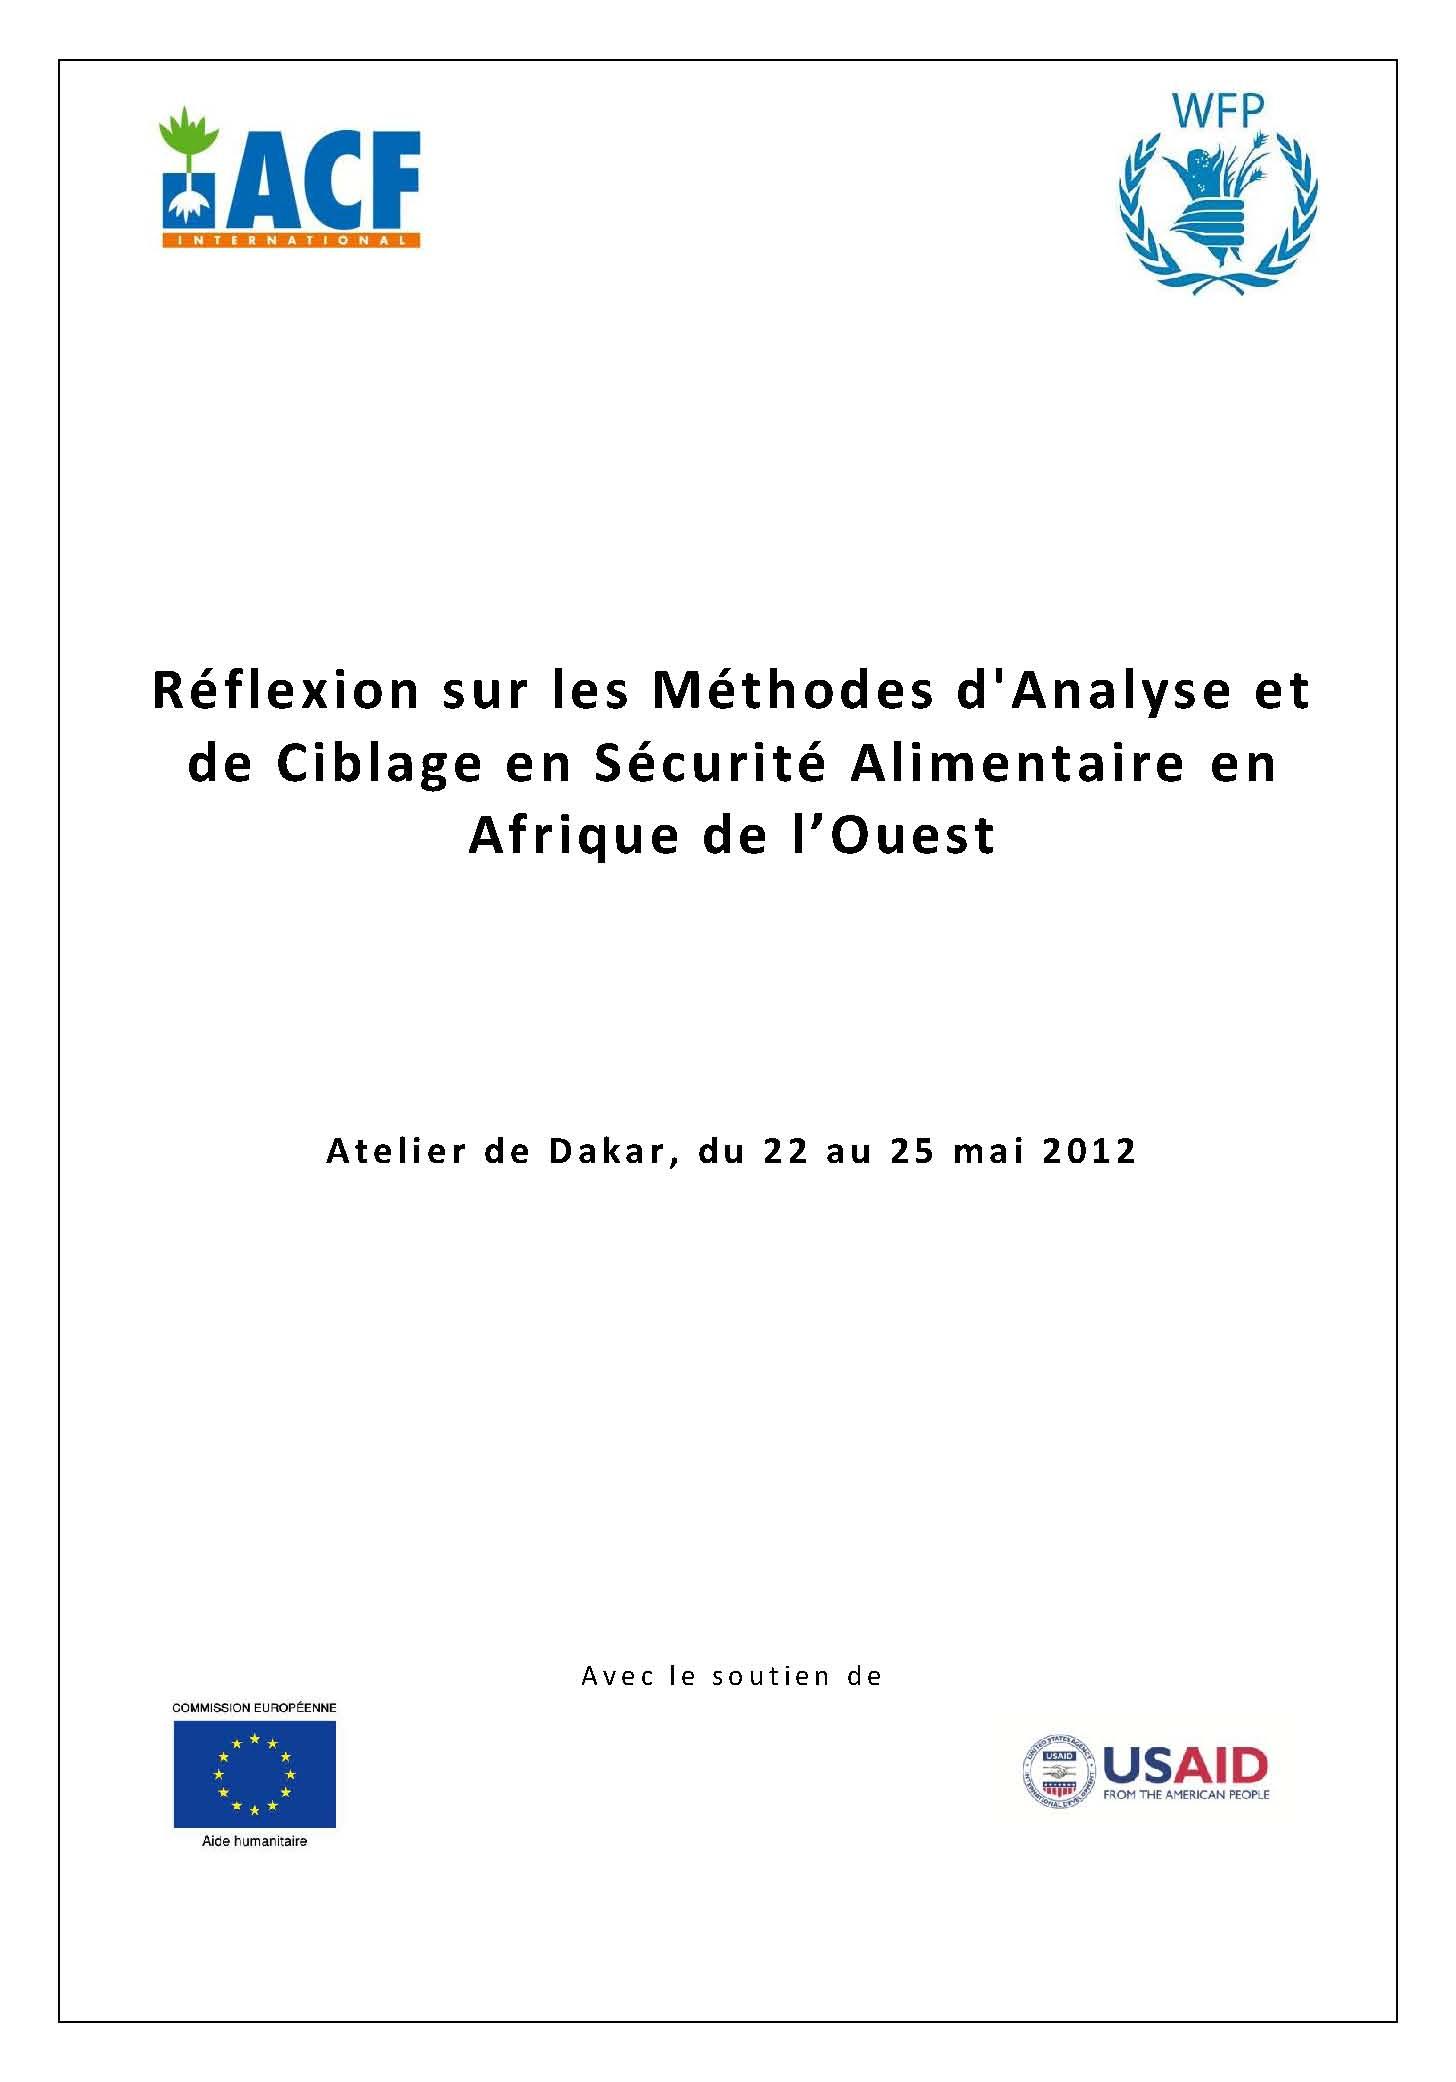 Réflexion sur les Méthodes d'Analyse et de Ciblage en Sécurité Alimentaire en Afrique de l'Ouest